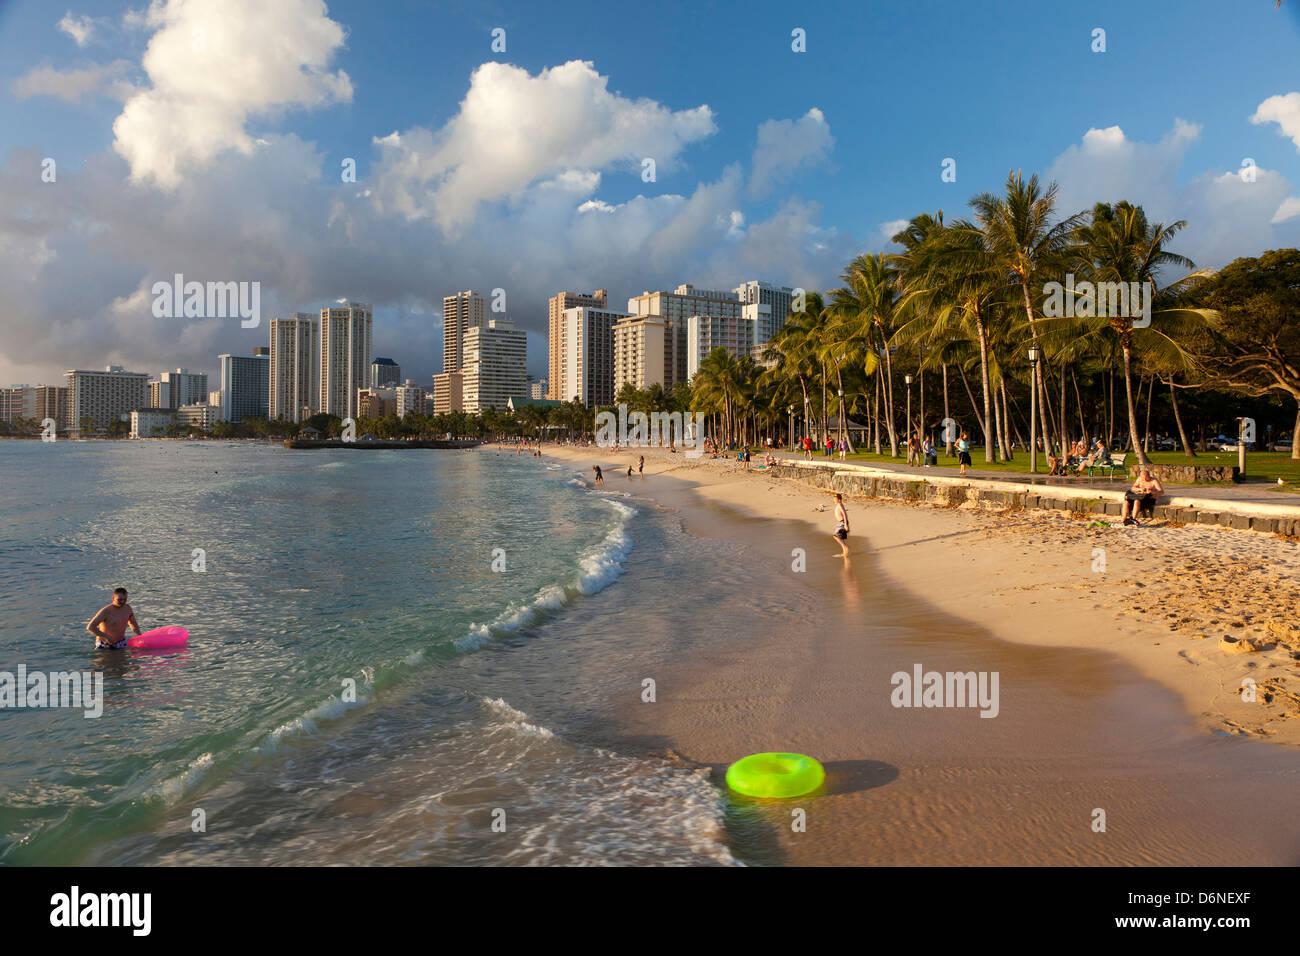 Waikiki, Honolulu, Oahu, Hawaii - Stock Image